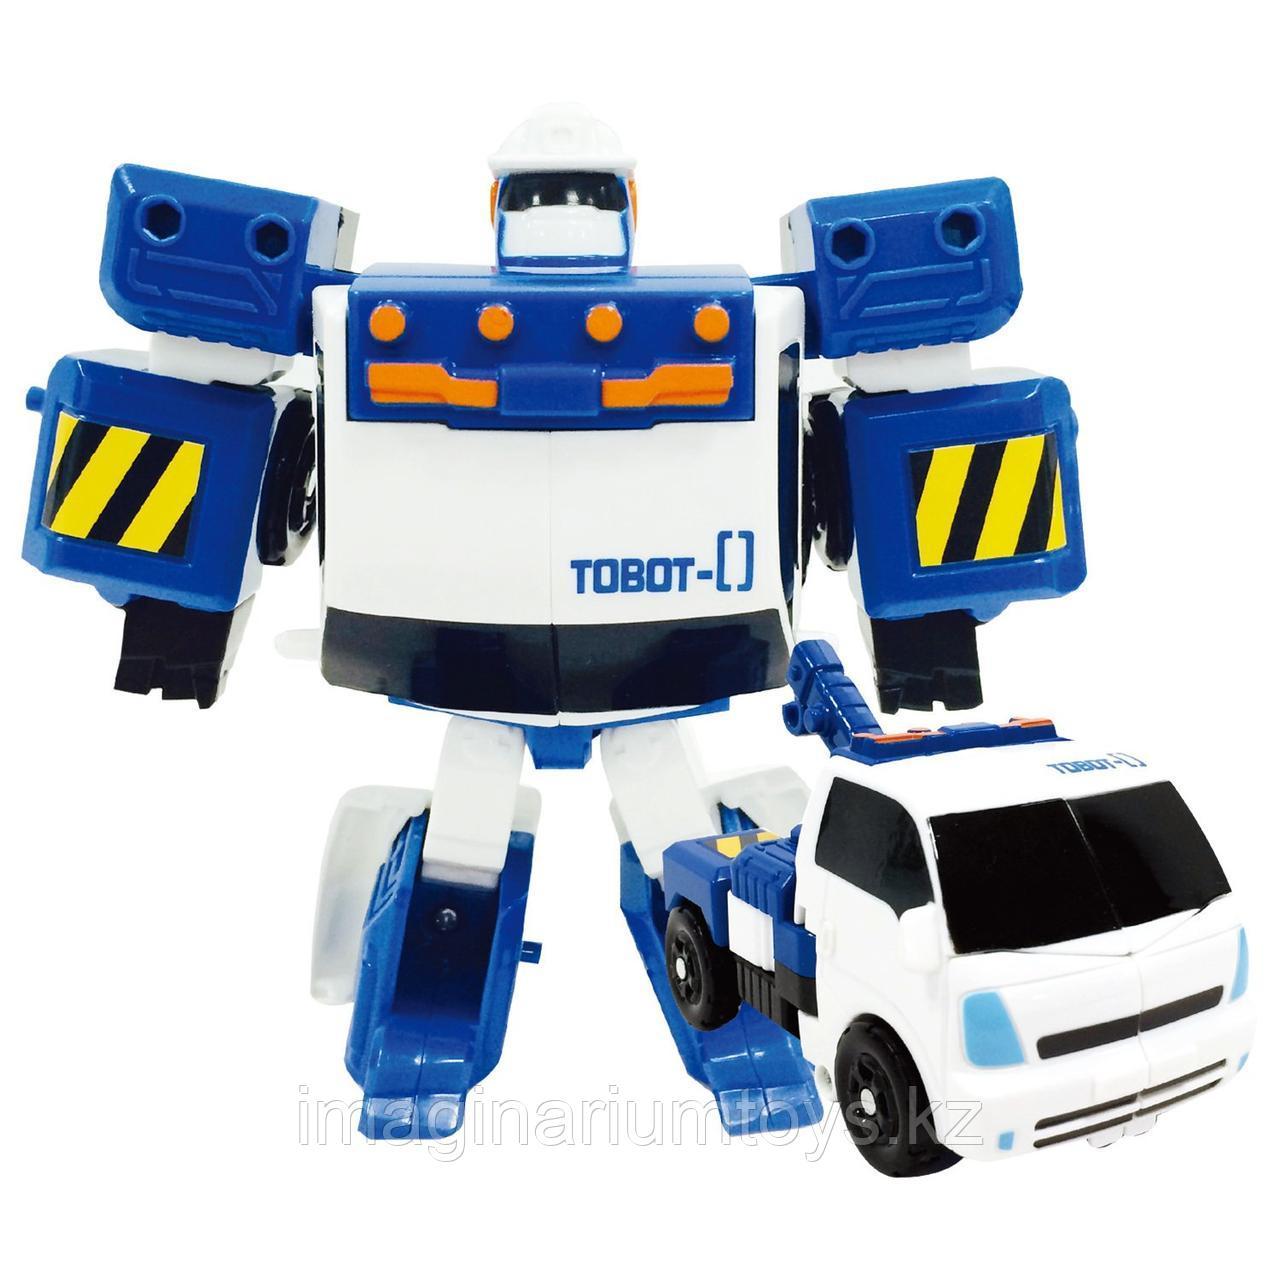 Тобот робот трансформер Зеро мини